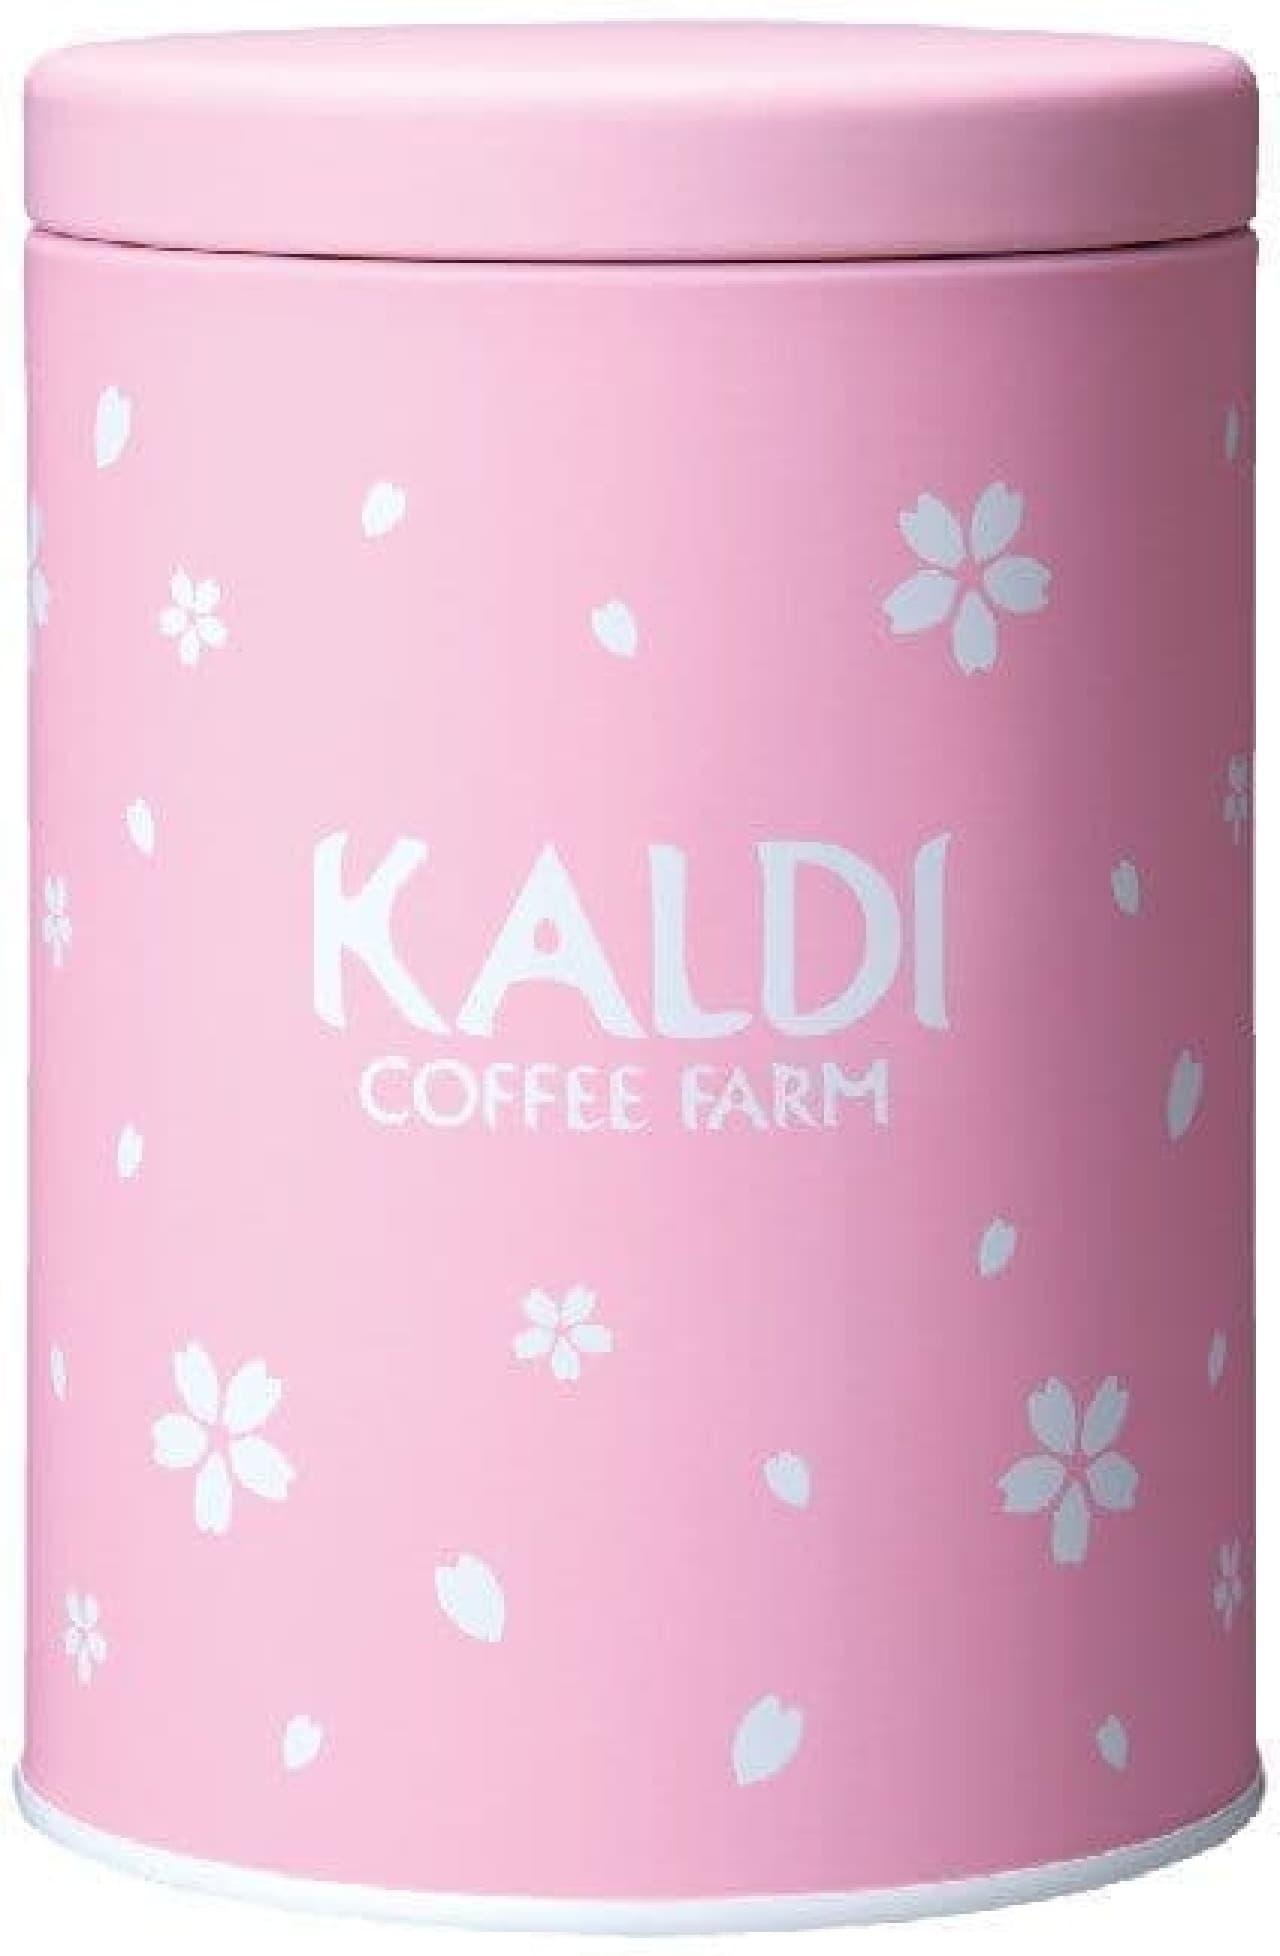 カルディコーヒーファーム「春のキャニスター缶セット」